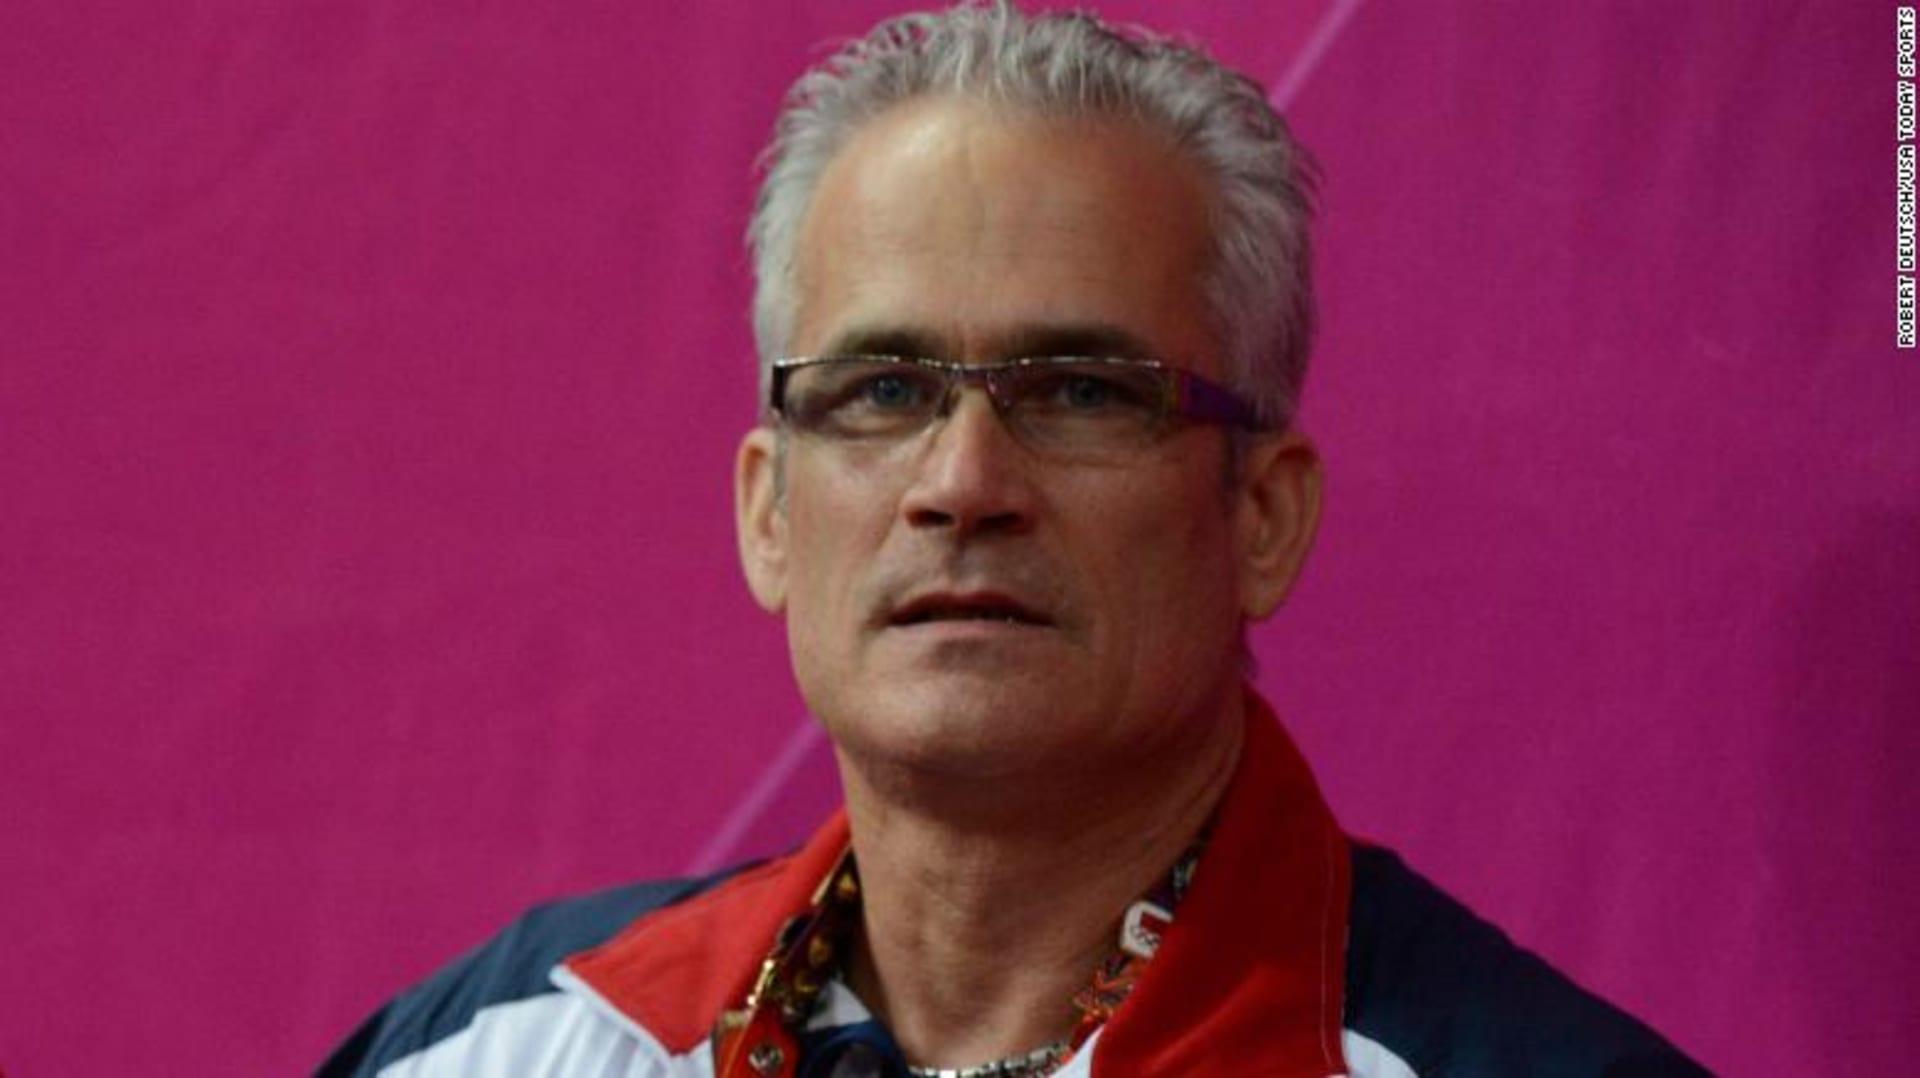 العثور على مدرب أوليمبي أمريكي للجمباز ميتًا بعد اتهامه بالاتجار في البشر  وجرائم جنسية - CNN Arabic